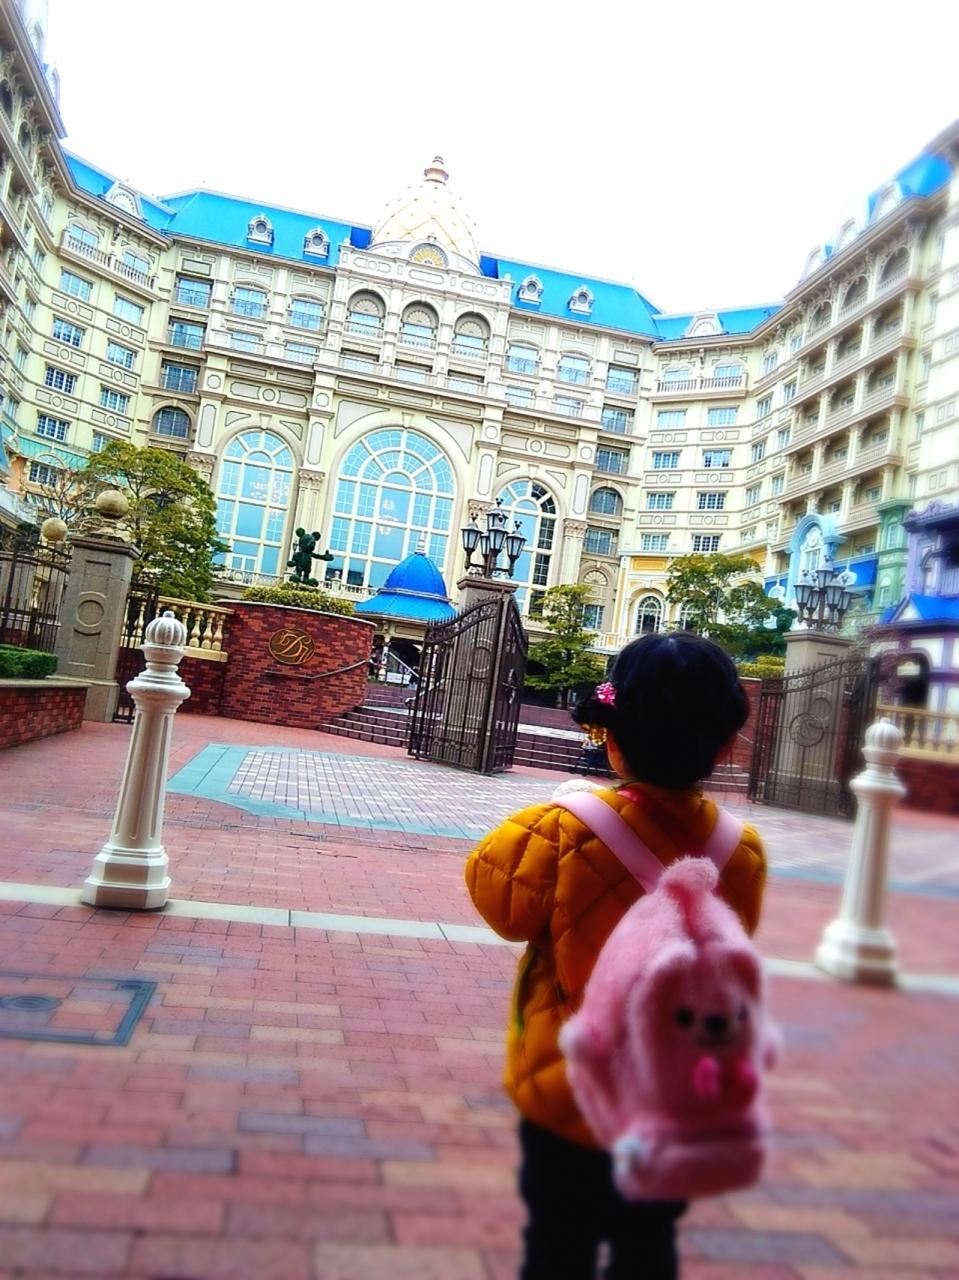 2歳児と60代と☆ディズニーランドホテル「美女と野獣ルーム」に贅沢宿泊